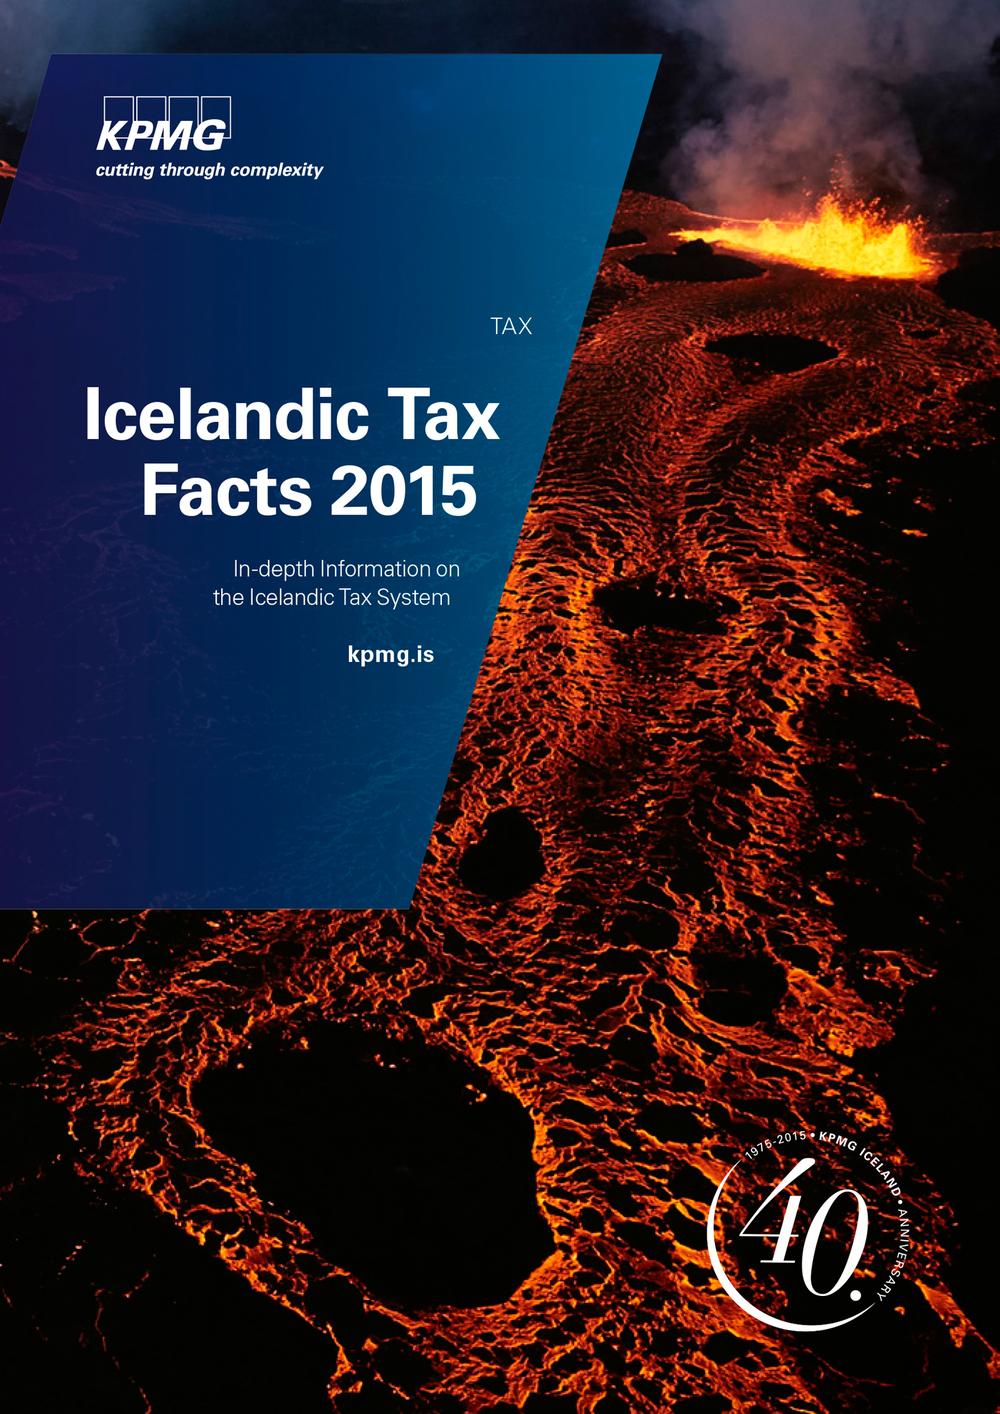 KPMG-TaxFacts2015-1.jpg